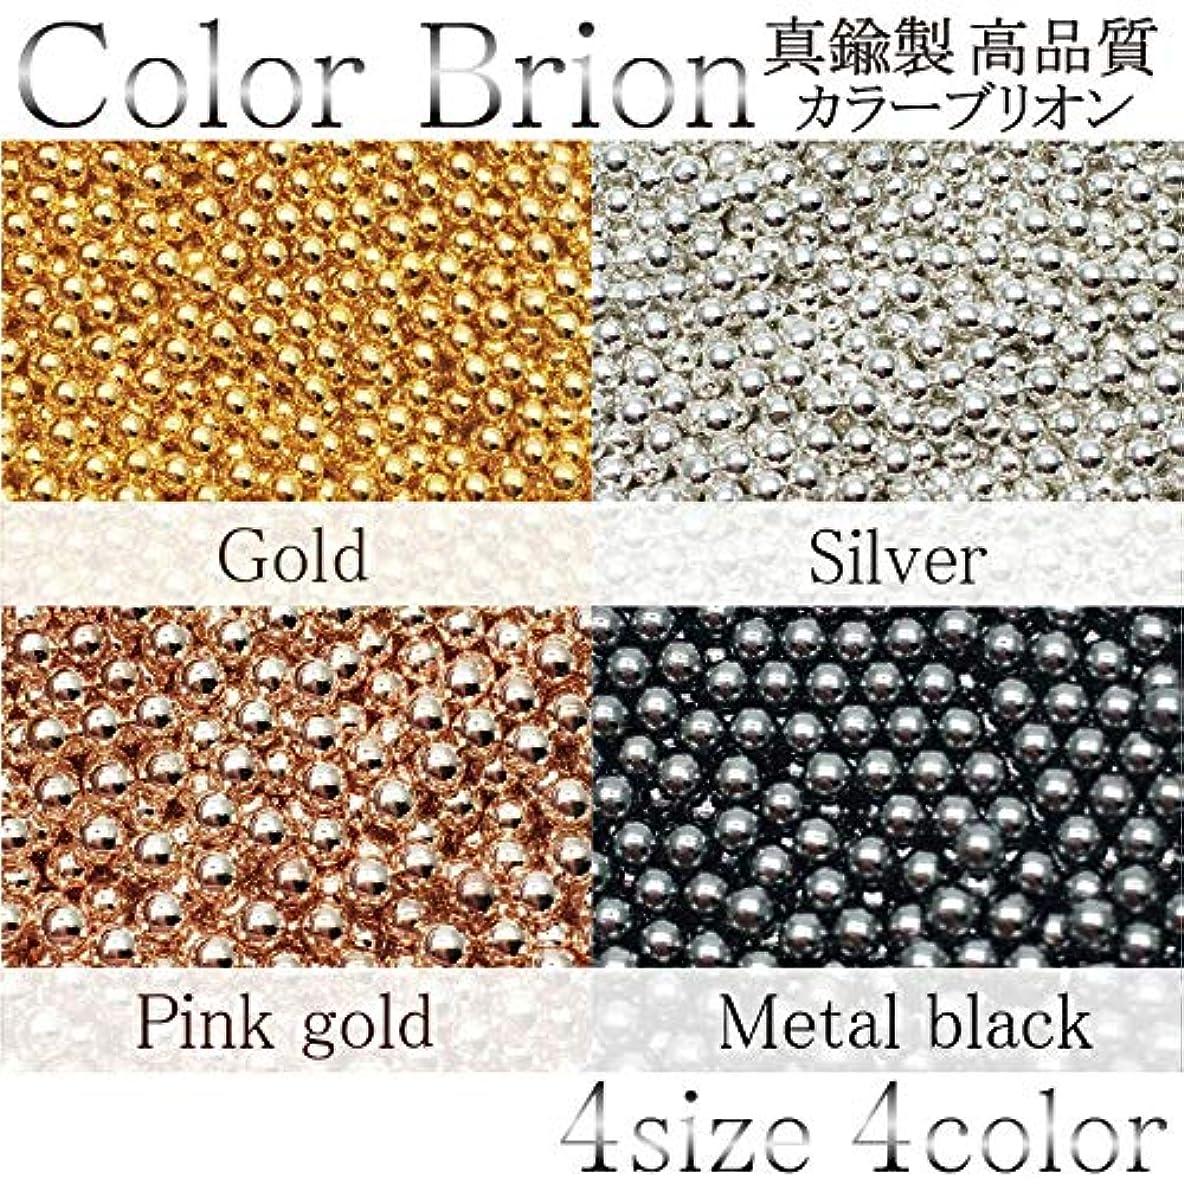 夜間予算おっと真鍮製 高品質 カラーブリオン 各種 4色 (約1.2mm(約3g), 1.ゴールド)